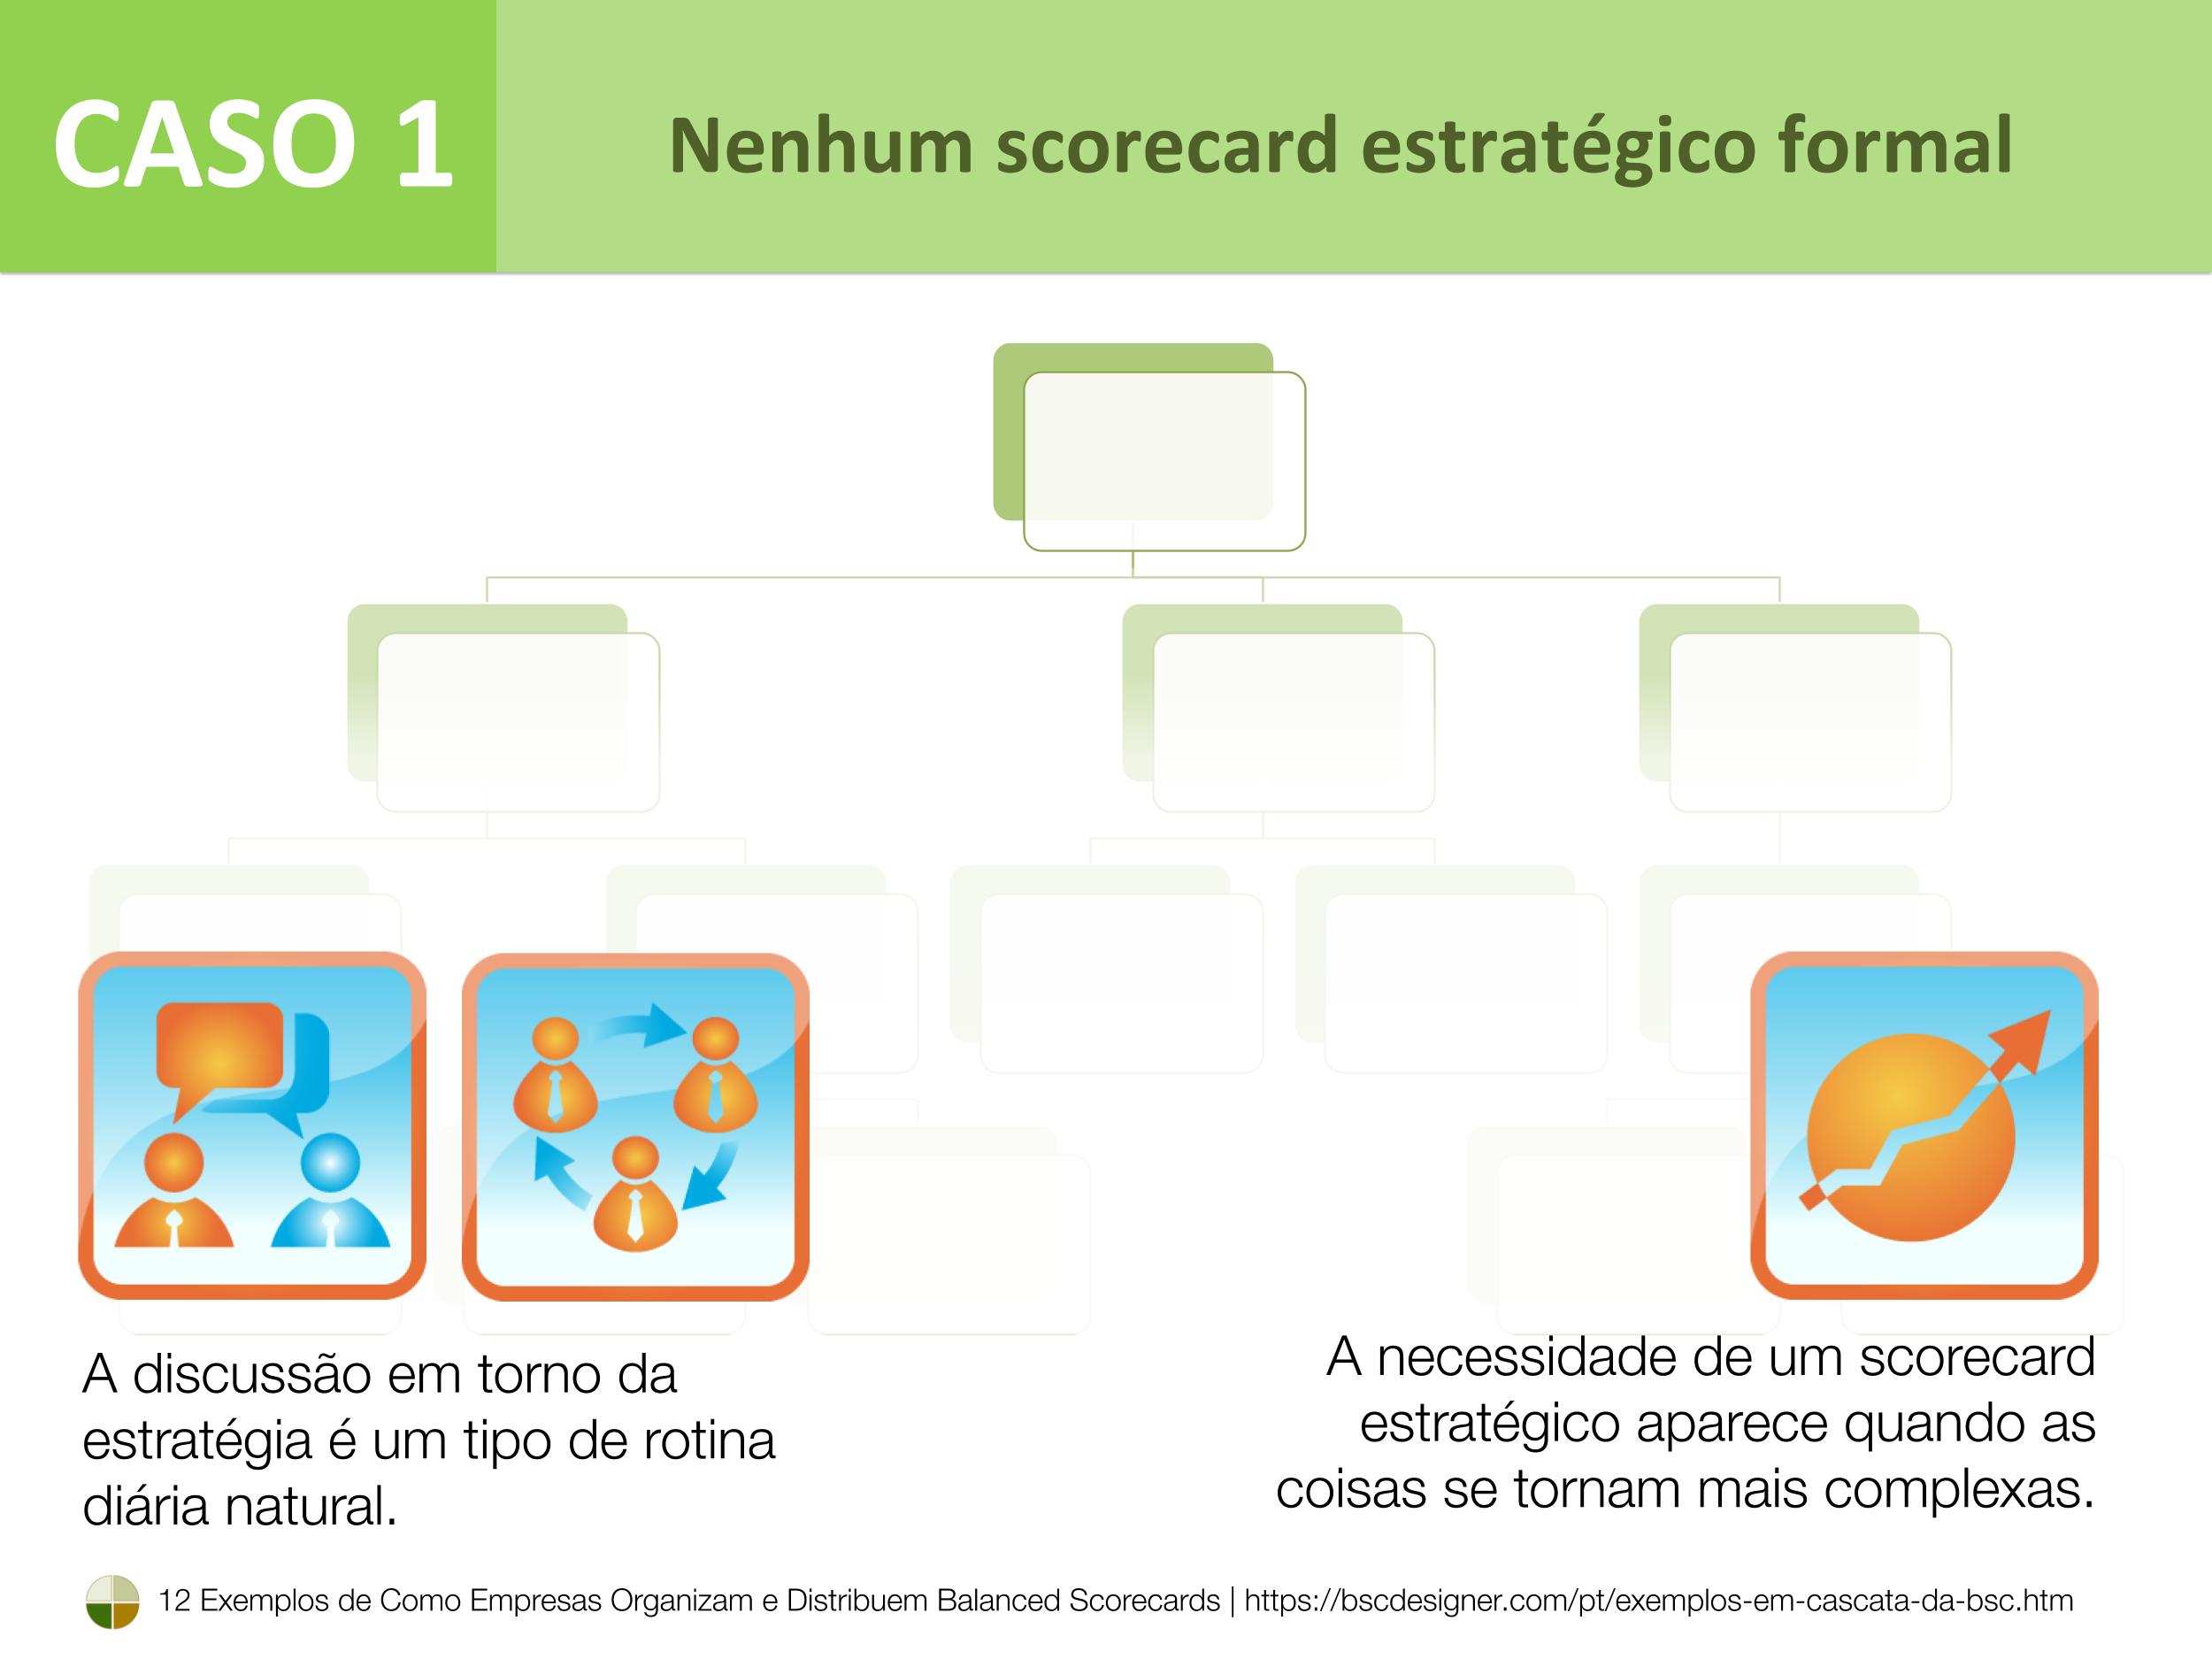 Caso 1 – Nenhum scorecard estratégico formal